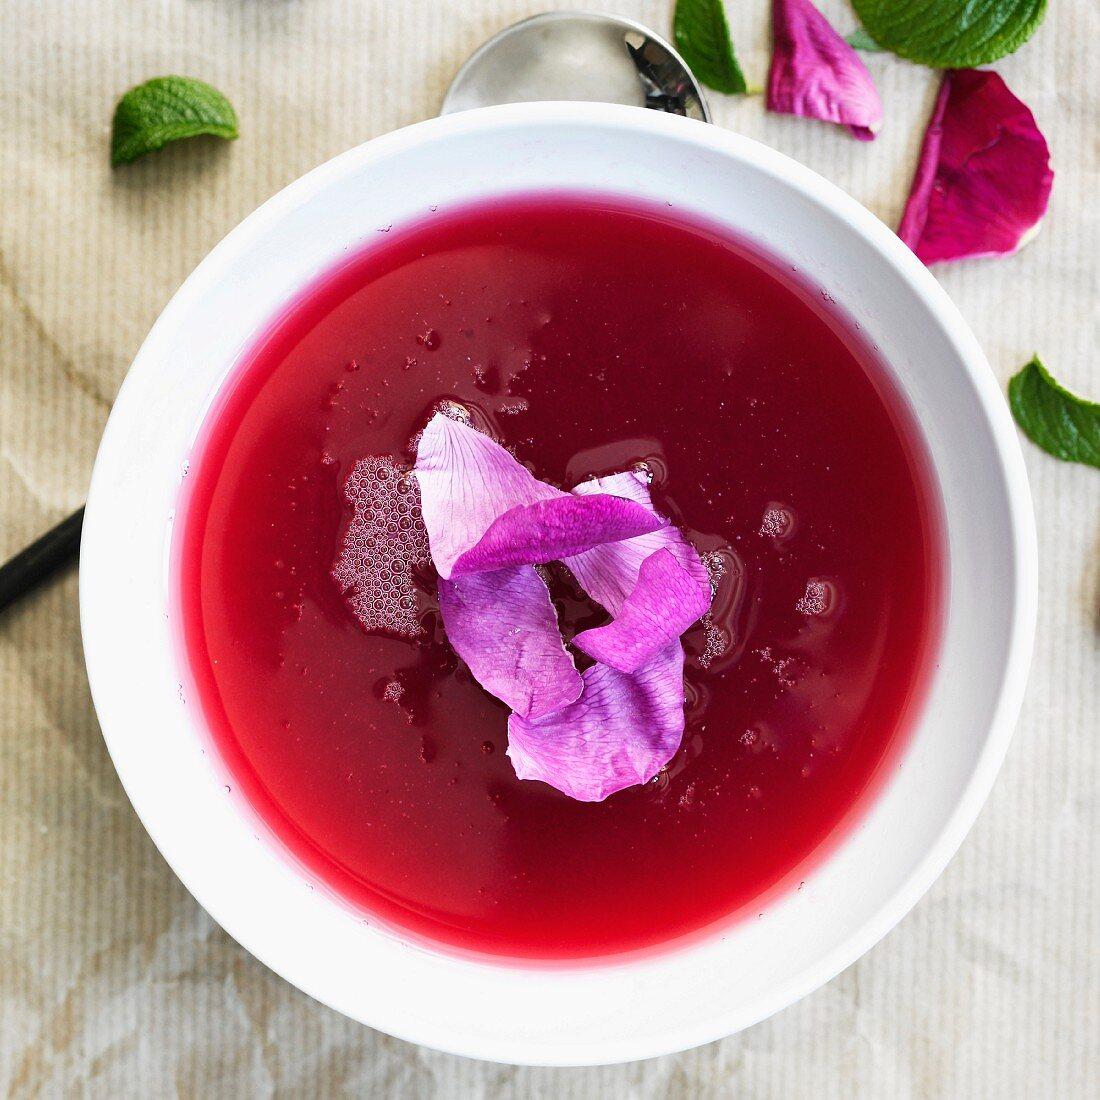 Fruit soup with petals